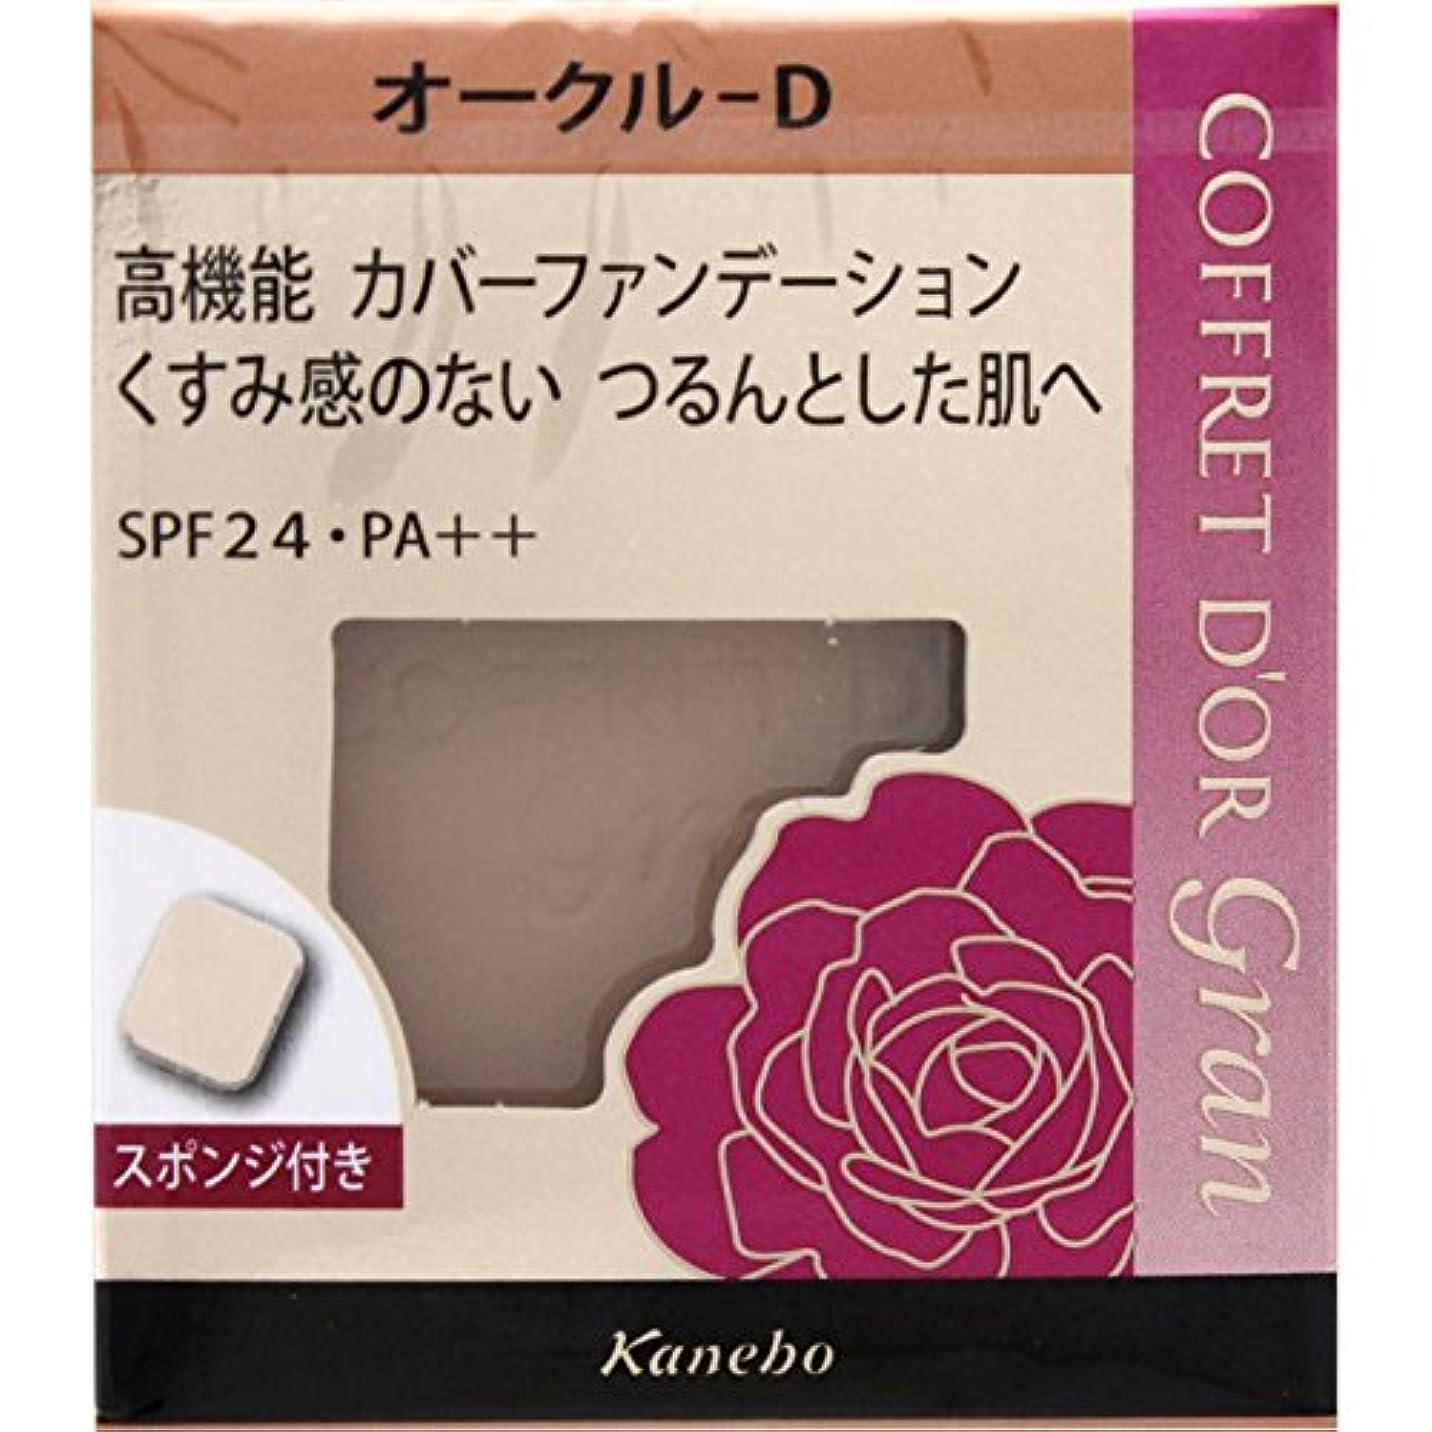 詩乳白霧カネボウ(Kanebo) コフレドールグランカバーフィットパクトUVII《10.5g》<カラー:オークルD>